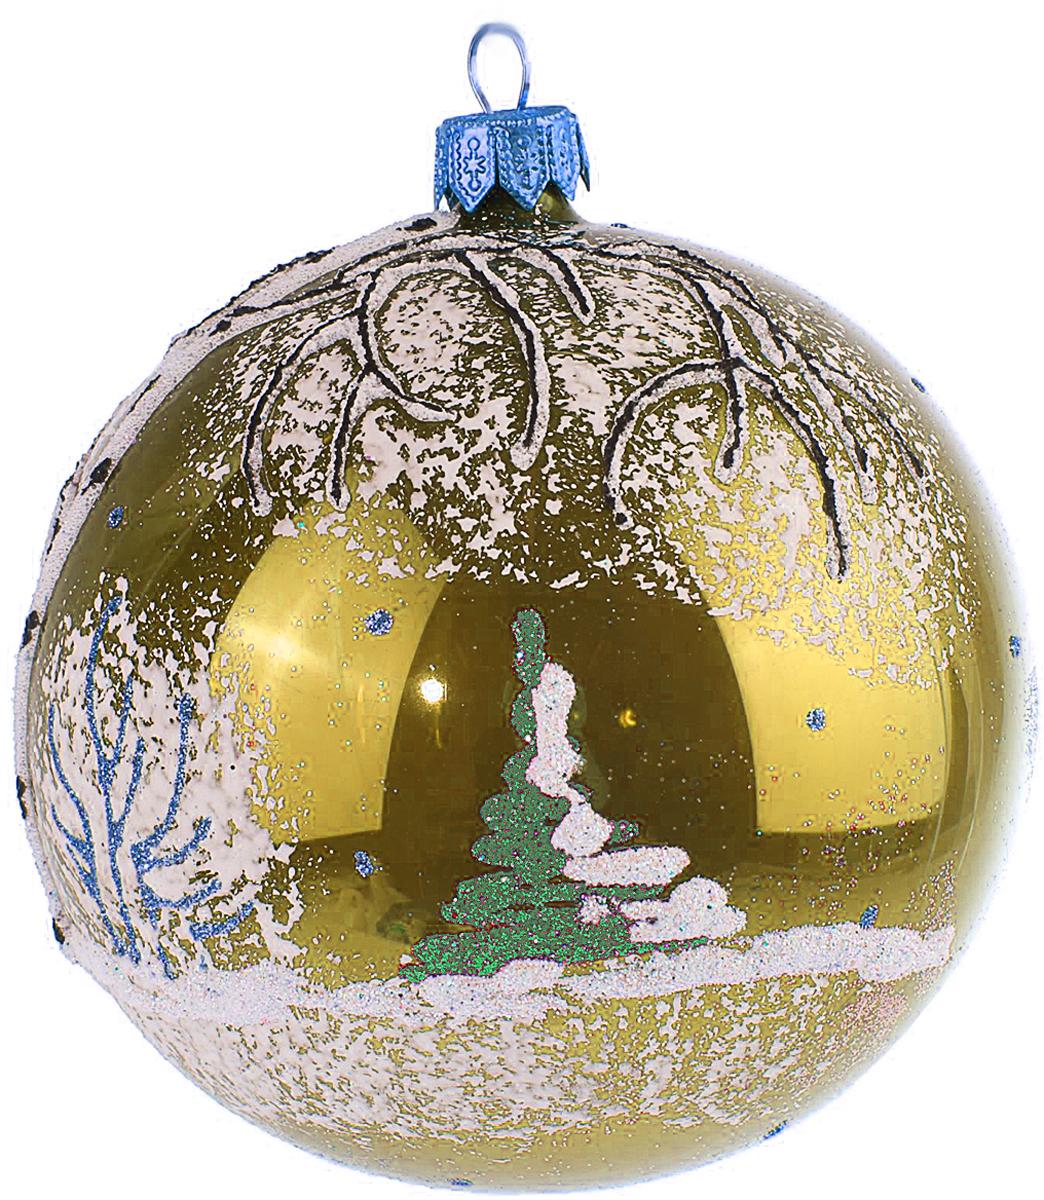 Украшение новогоднее елочное Иней Березка, цвет: золотой, диаметр 10 см1519286_золотойЕлочная игрушка - символ приближающегося праздника. Она послужит прекрасным подарком как для ребенка, так и для взрослого, а также дополнит новогодний интерьер. Шары будут отлично смотреться на праздничной елке.